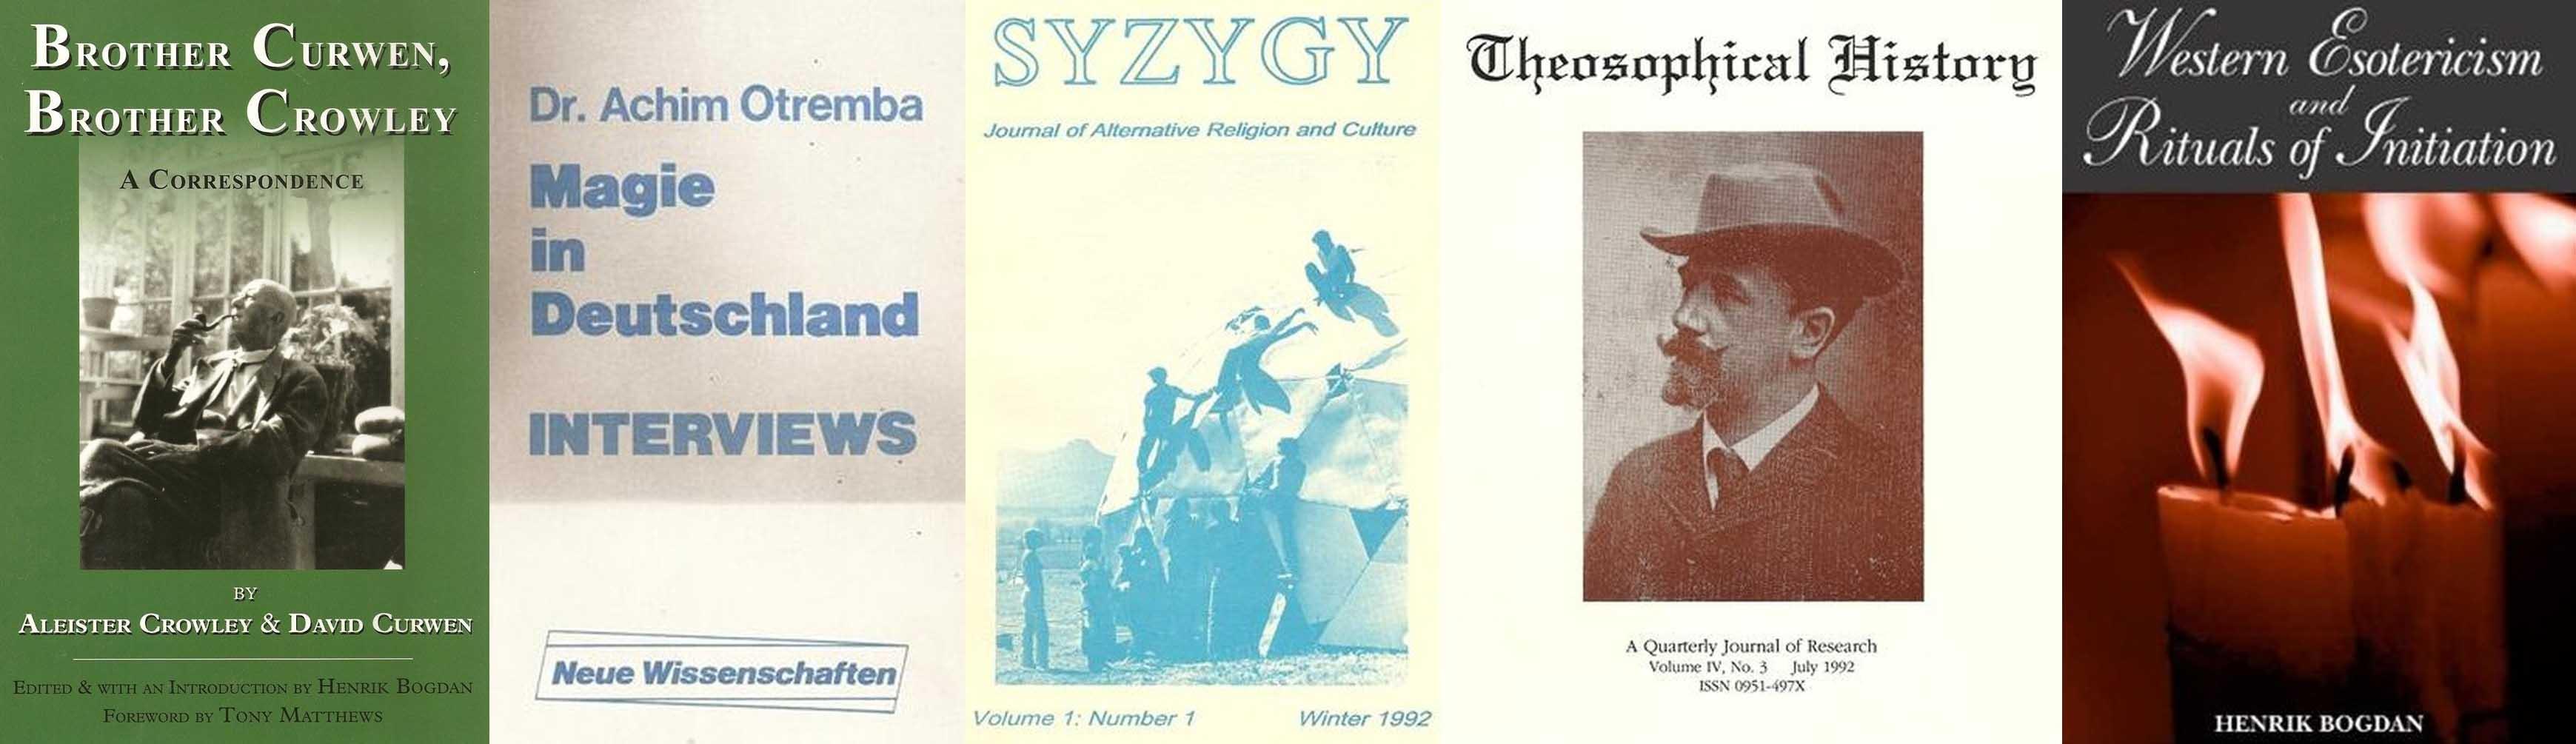 Henrik Bogdan Achim Otremba Syzygy Theosophical History